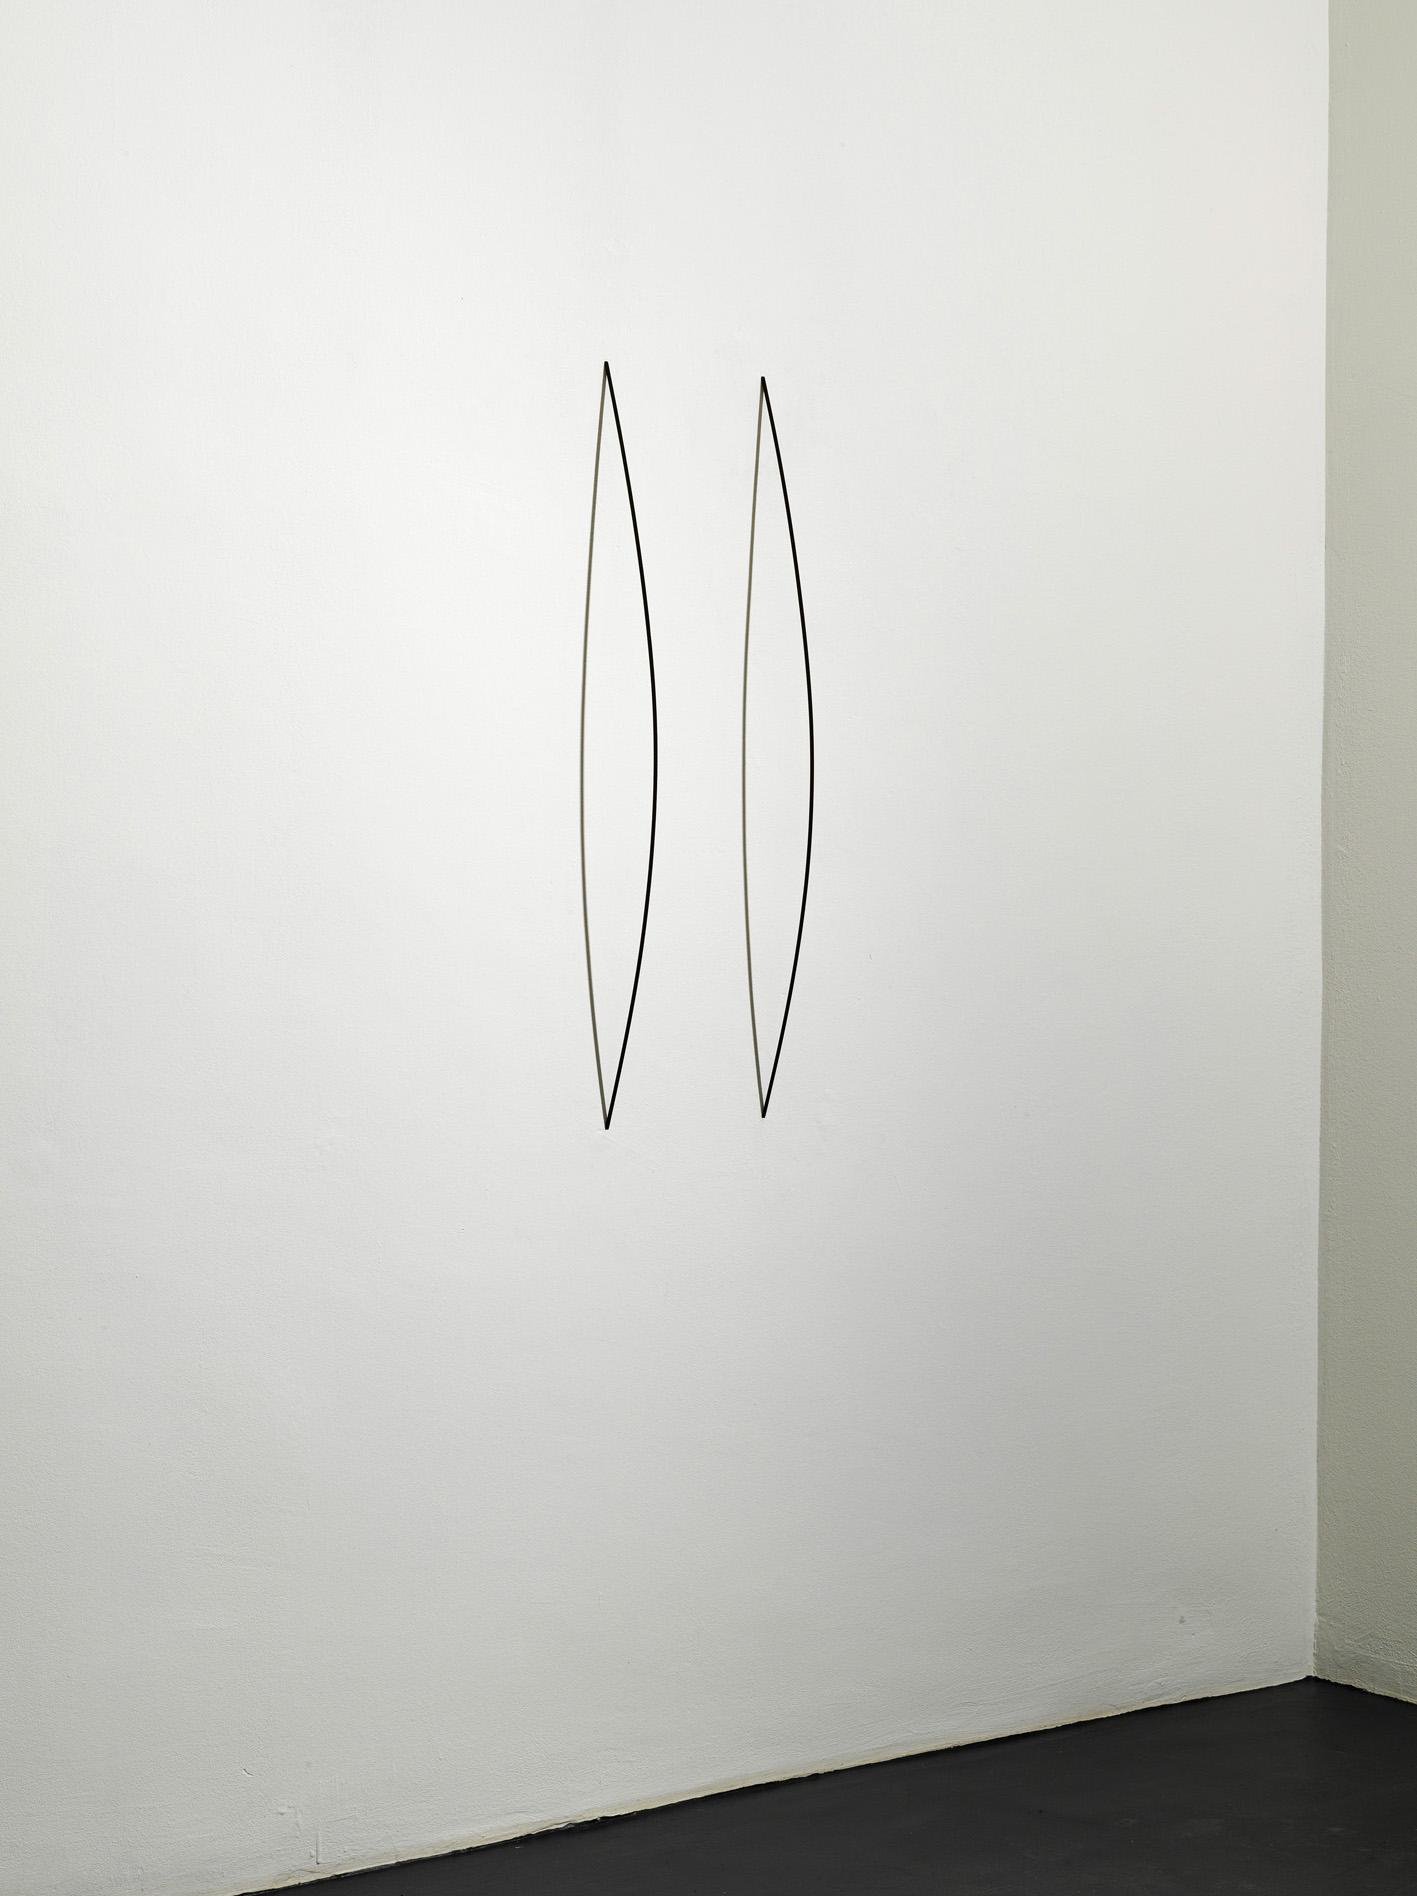 Stephanie Stein, Du-L, 2013, legno di balsa, gouache, 98 x 24,5 x 11 cm